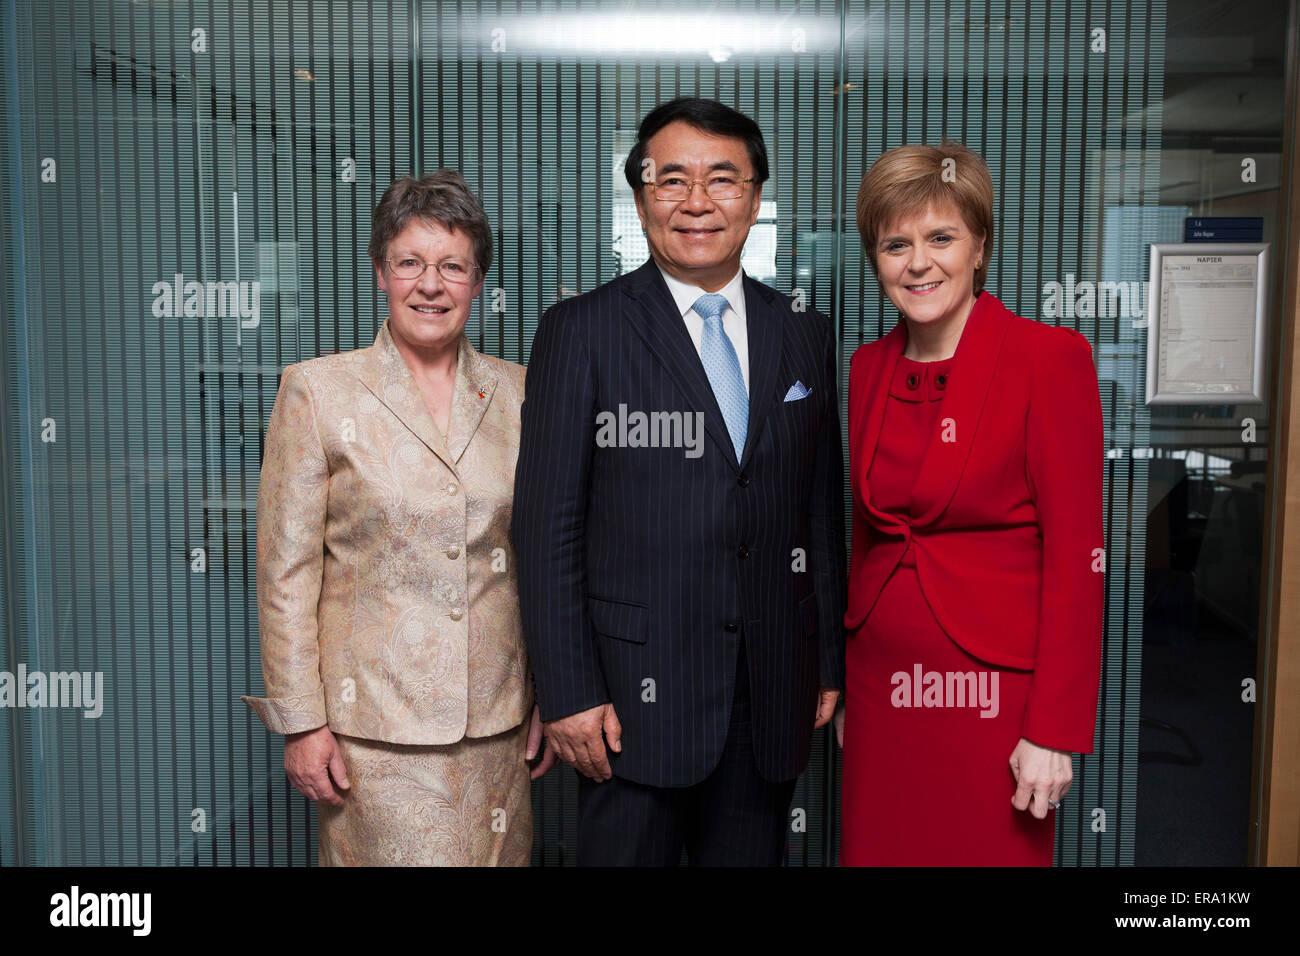 Glasgow, Scotland, Regno Unito. 29 Maggio, 2015. Del primo ministro di Scozia, Nicola Storione MSP (a destra), è raffigurato con il presidente dell'Accademia cinese delle scienze, professor Chunli Bai (centro) e Presidente della Royal Society of Edinburgh, Dame Jocelyn Bell Burnell (sinistra), in occasione del Professor Bai in visita in Scozia durante il quale egli è stato iscritto come membro onorario della Royal Society of Edinburgh. Credito: GARY DOAK/Alamy Live News Foto Stock